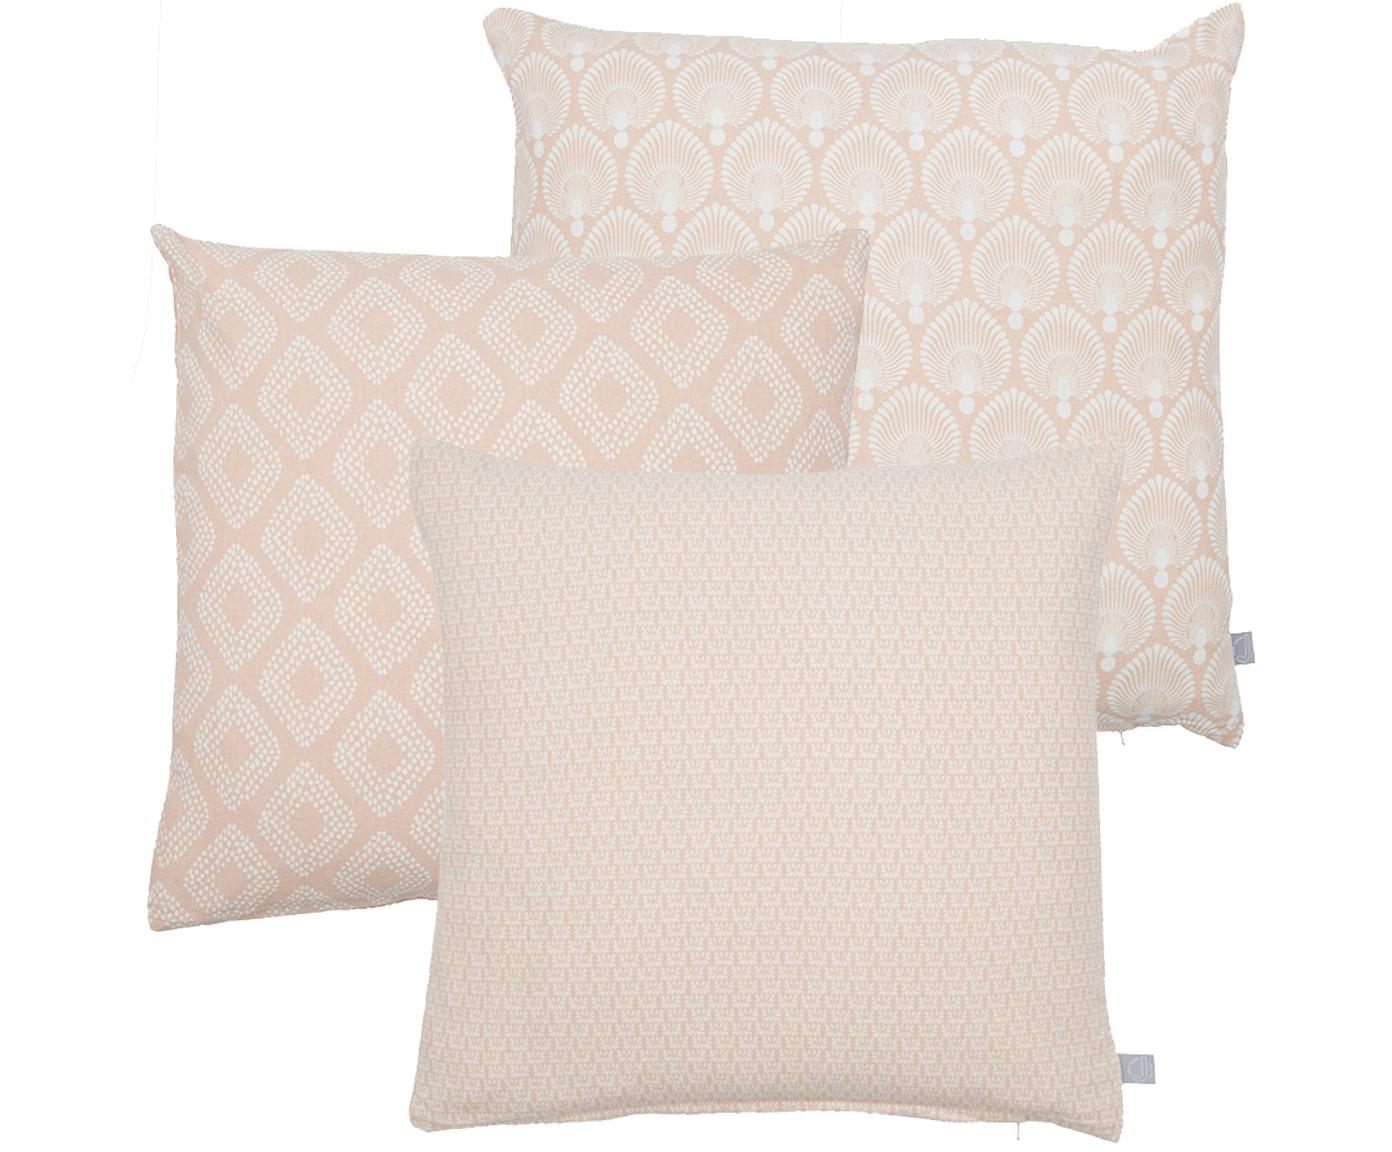 Gemustertes Kissenhüllen 3er Set Cousin in Rosa, 100% Baumwolle, Rosa, Weiß, 45 x 45 cm